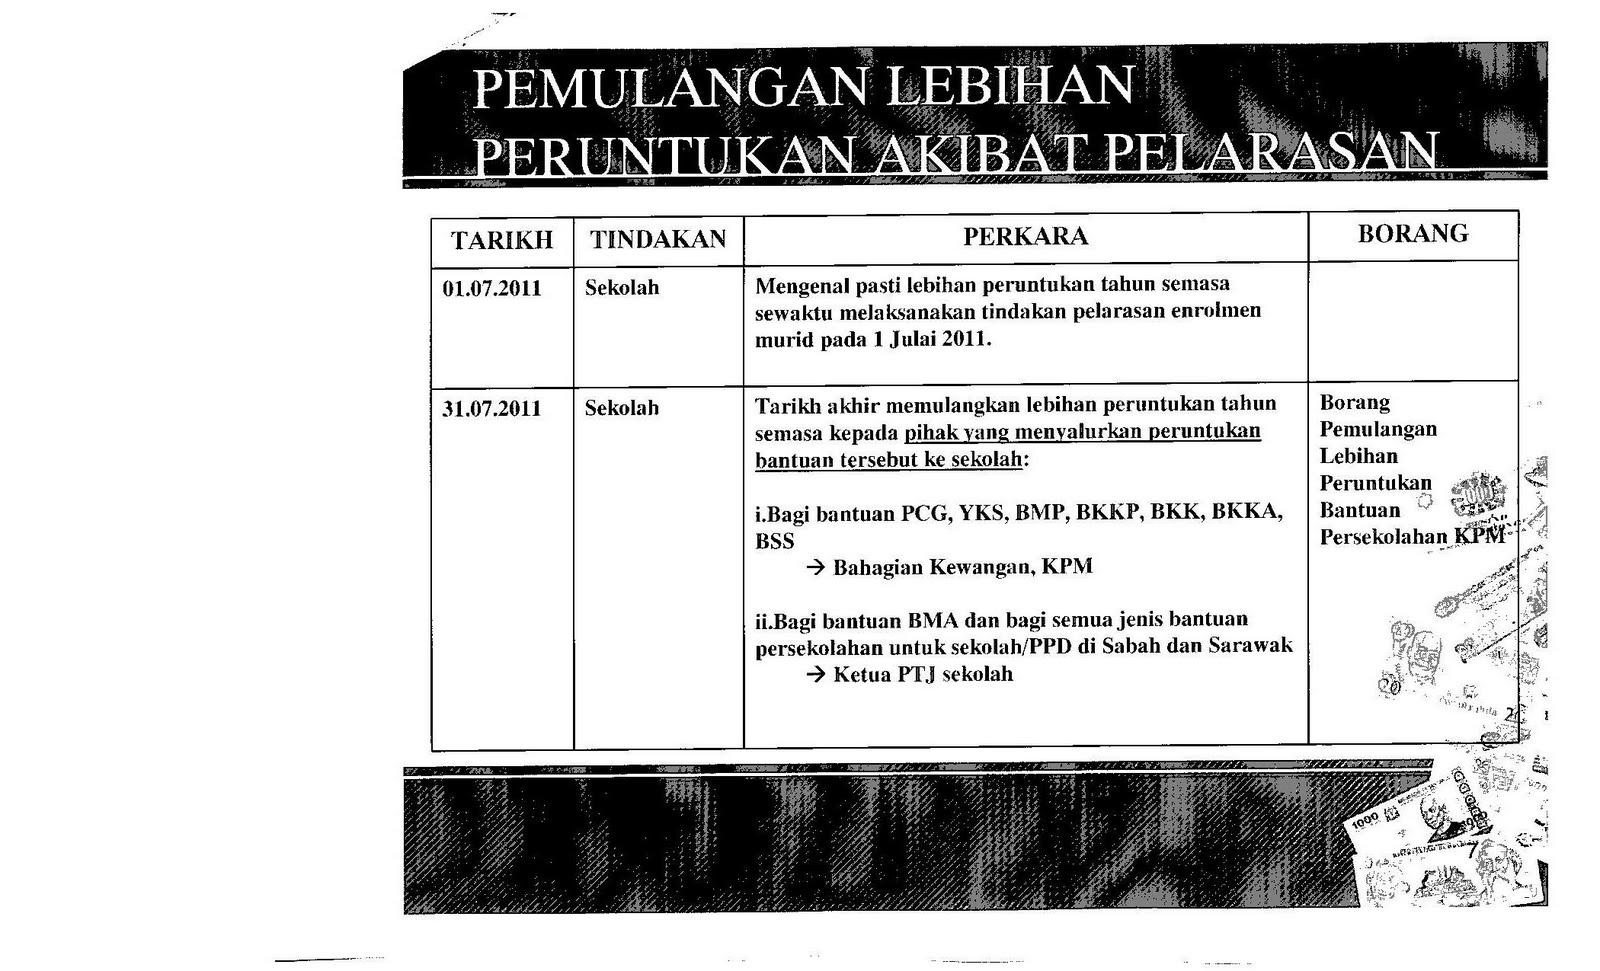 Majlis Ketua Pembantu Tadbir Sekolah Sekolah Daerah Muar Ledang Peringatan Tarikh Akhir Pemulangan Lebihan Peruntukan Tahun Semasa